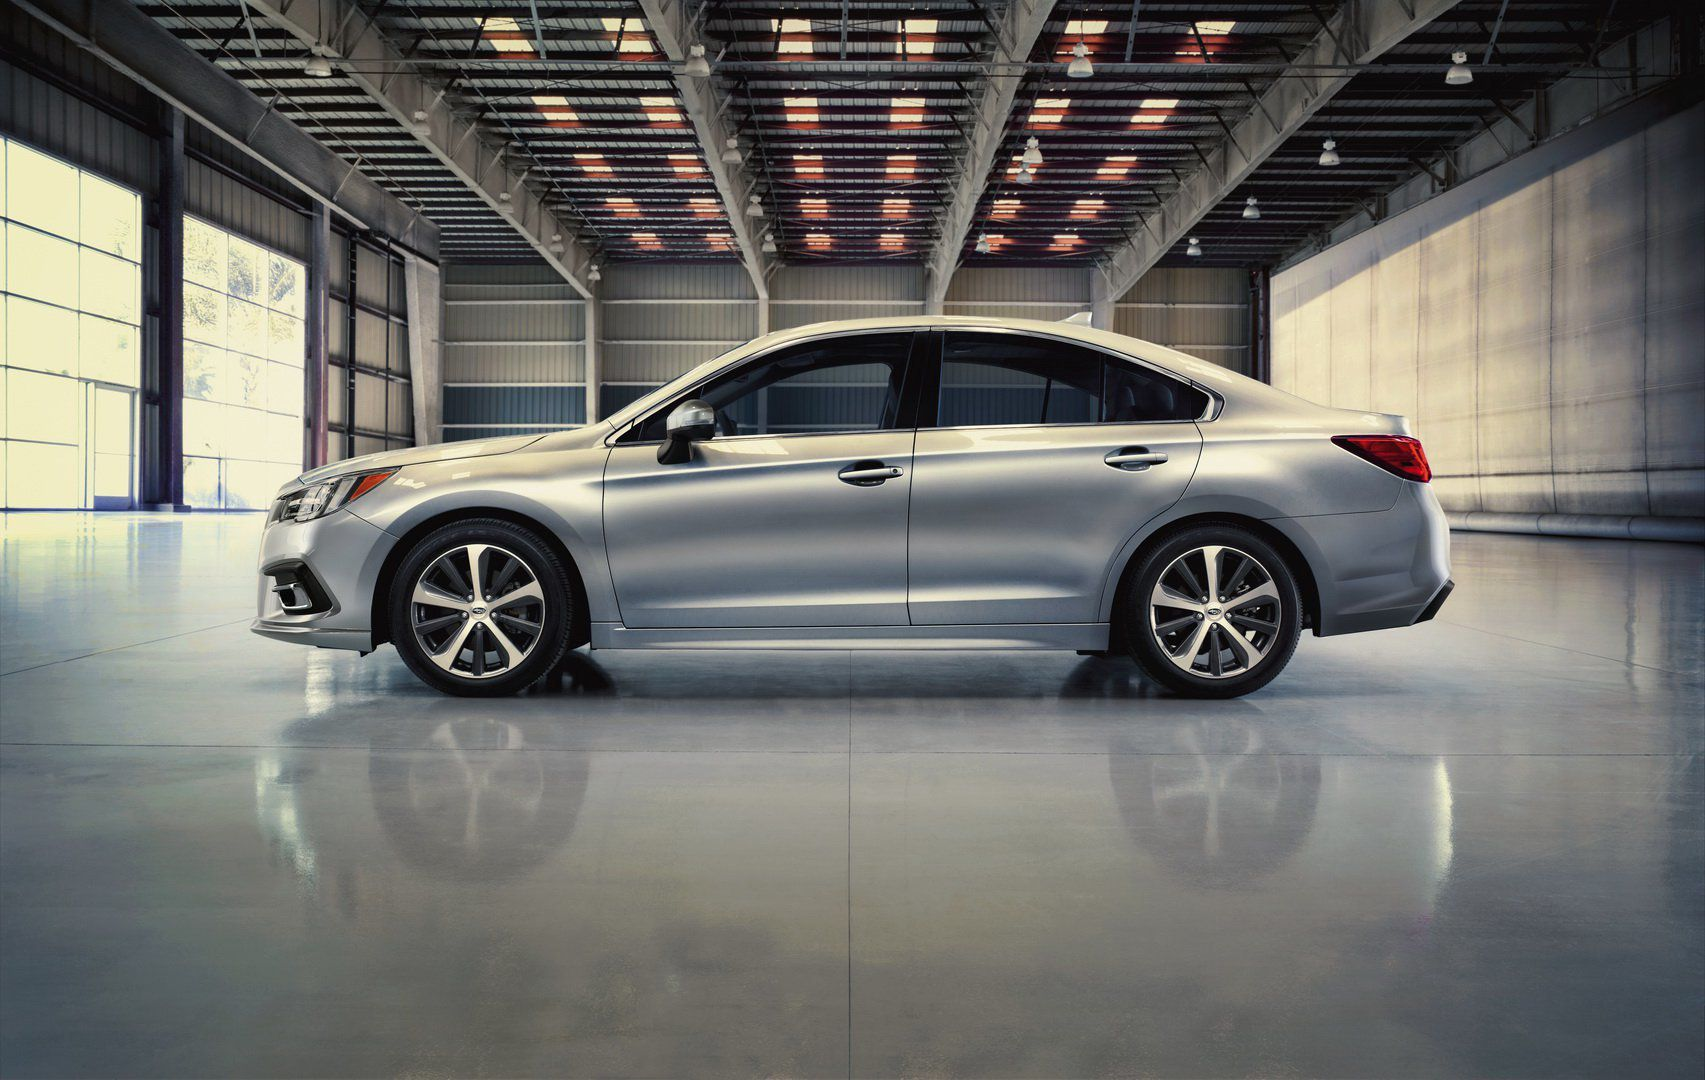 Không thể sửa lỗi, Subaru phải đổi xe mới cho khách - 1